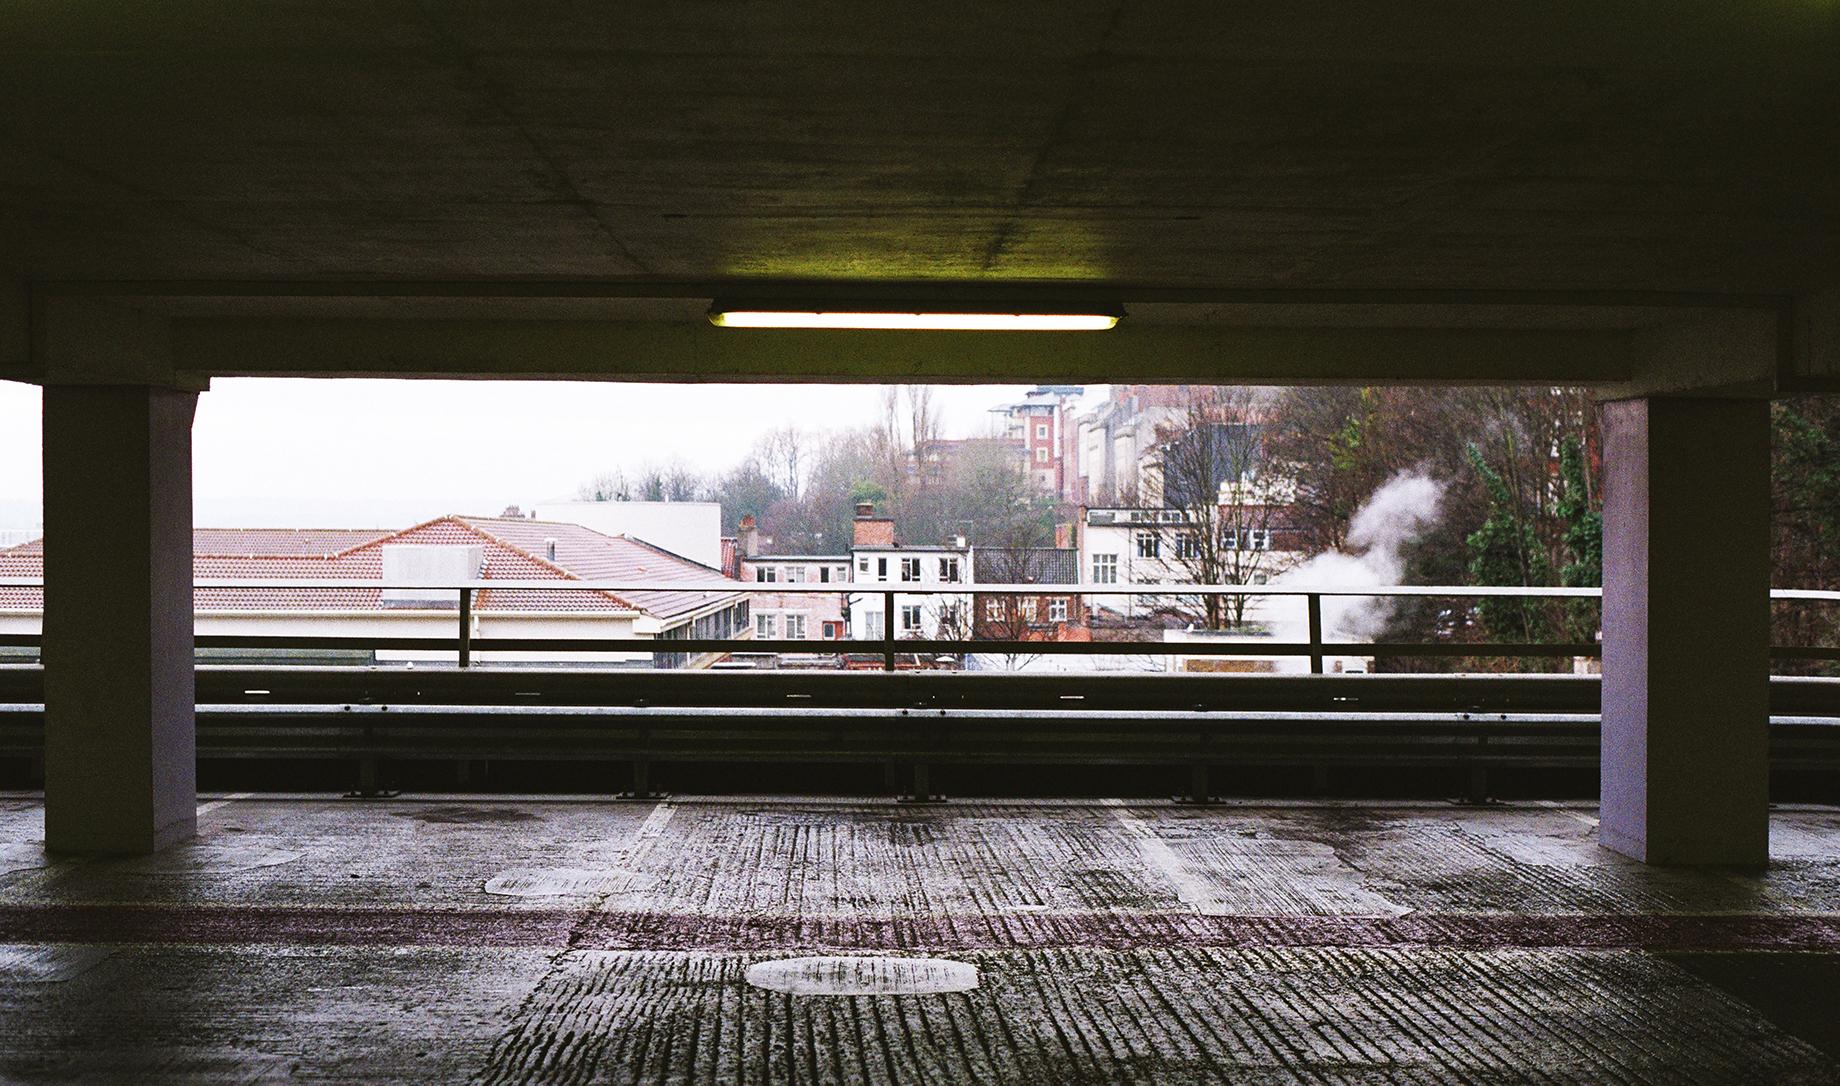 Inhabiting a car park